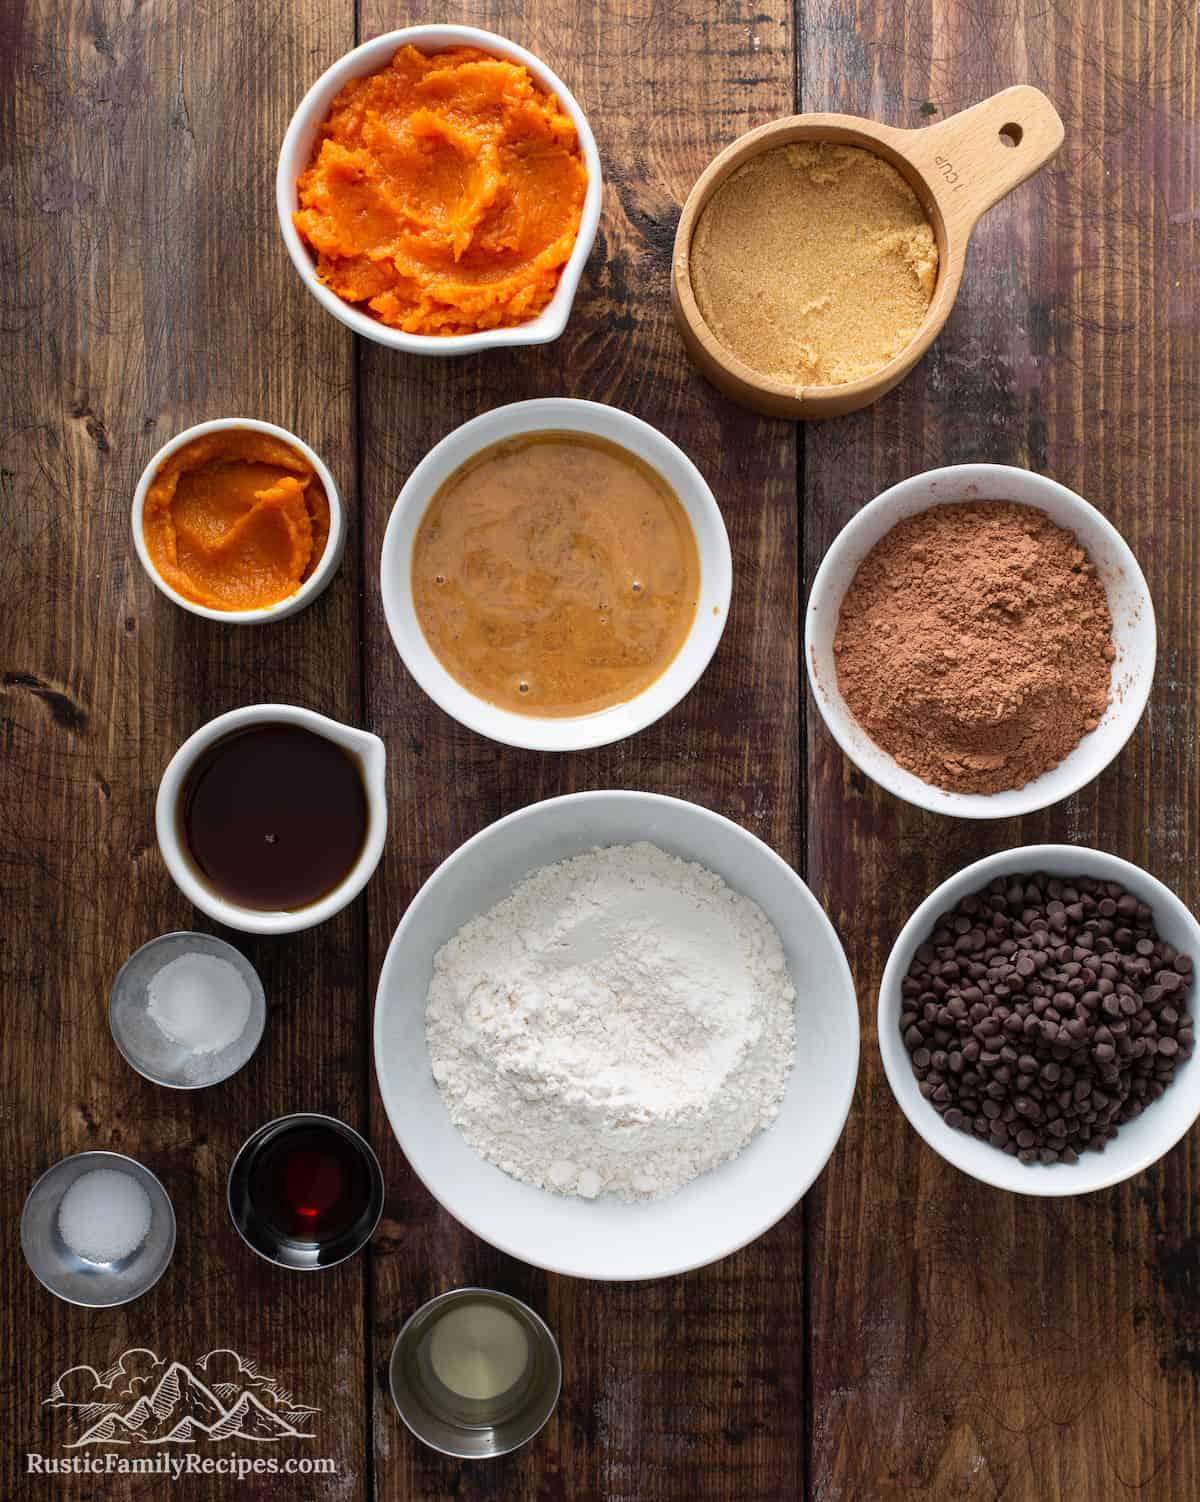 Vegan Brownie Ingredients